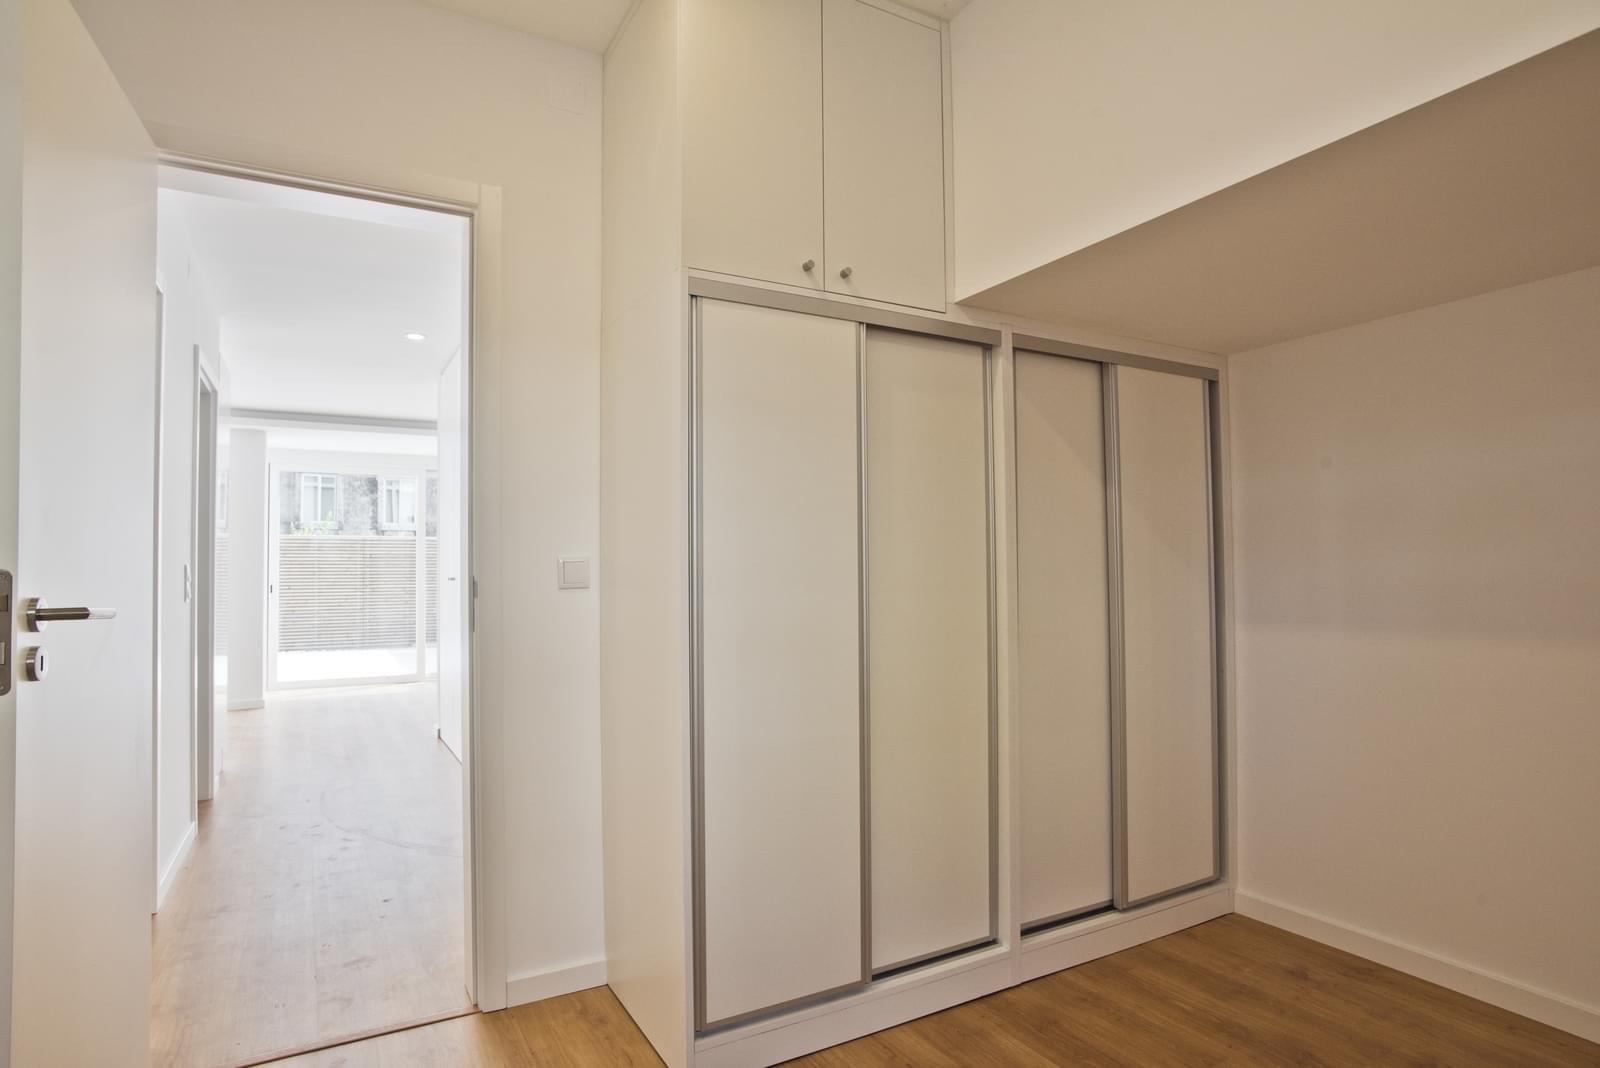 pf16986-apartamento-t2-cascais-6cbdc7b8-ba6f-49b8-9e26-ca1a6f4426e1